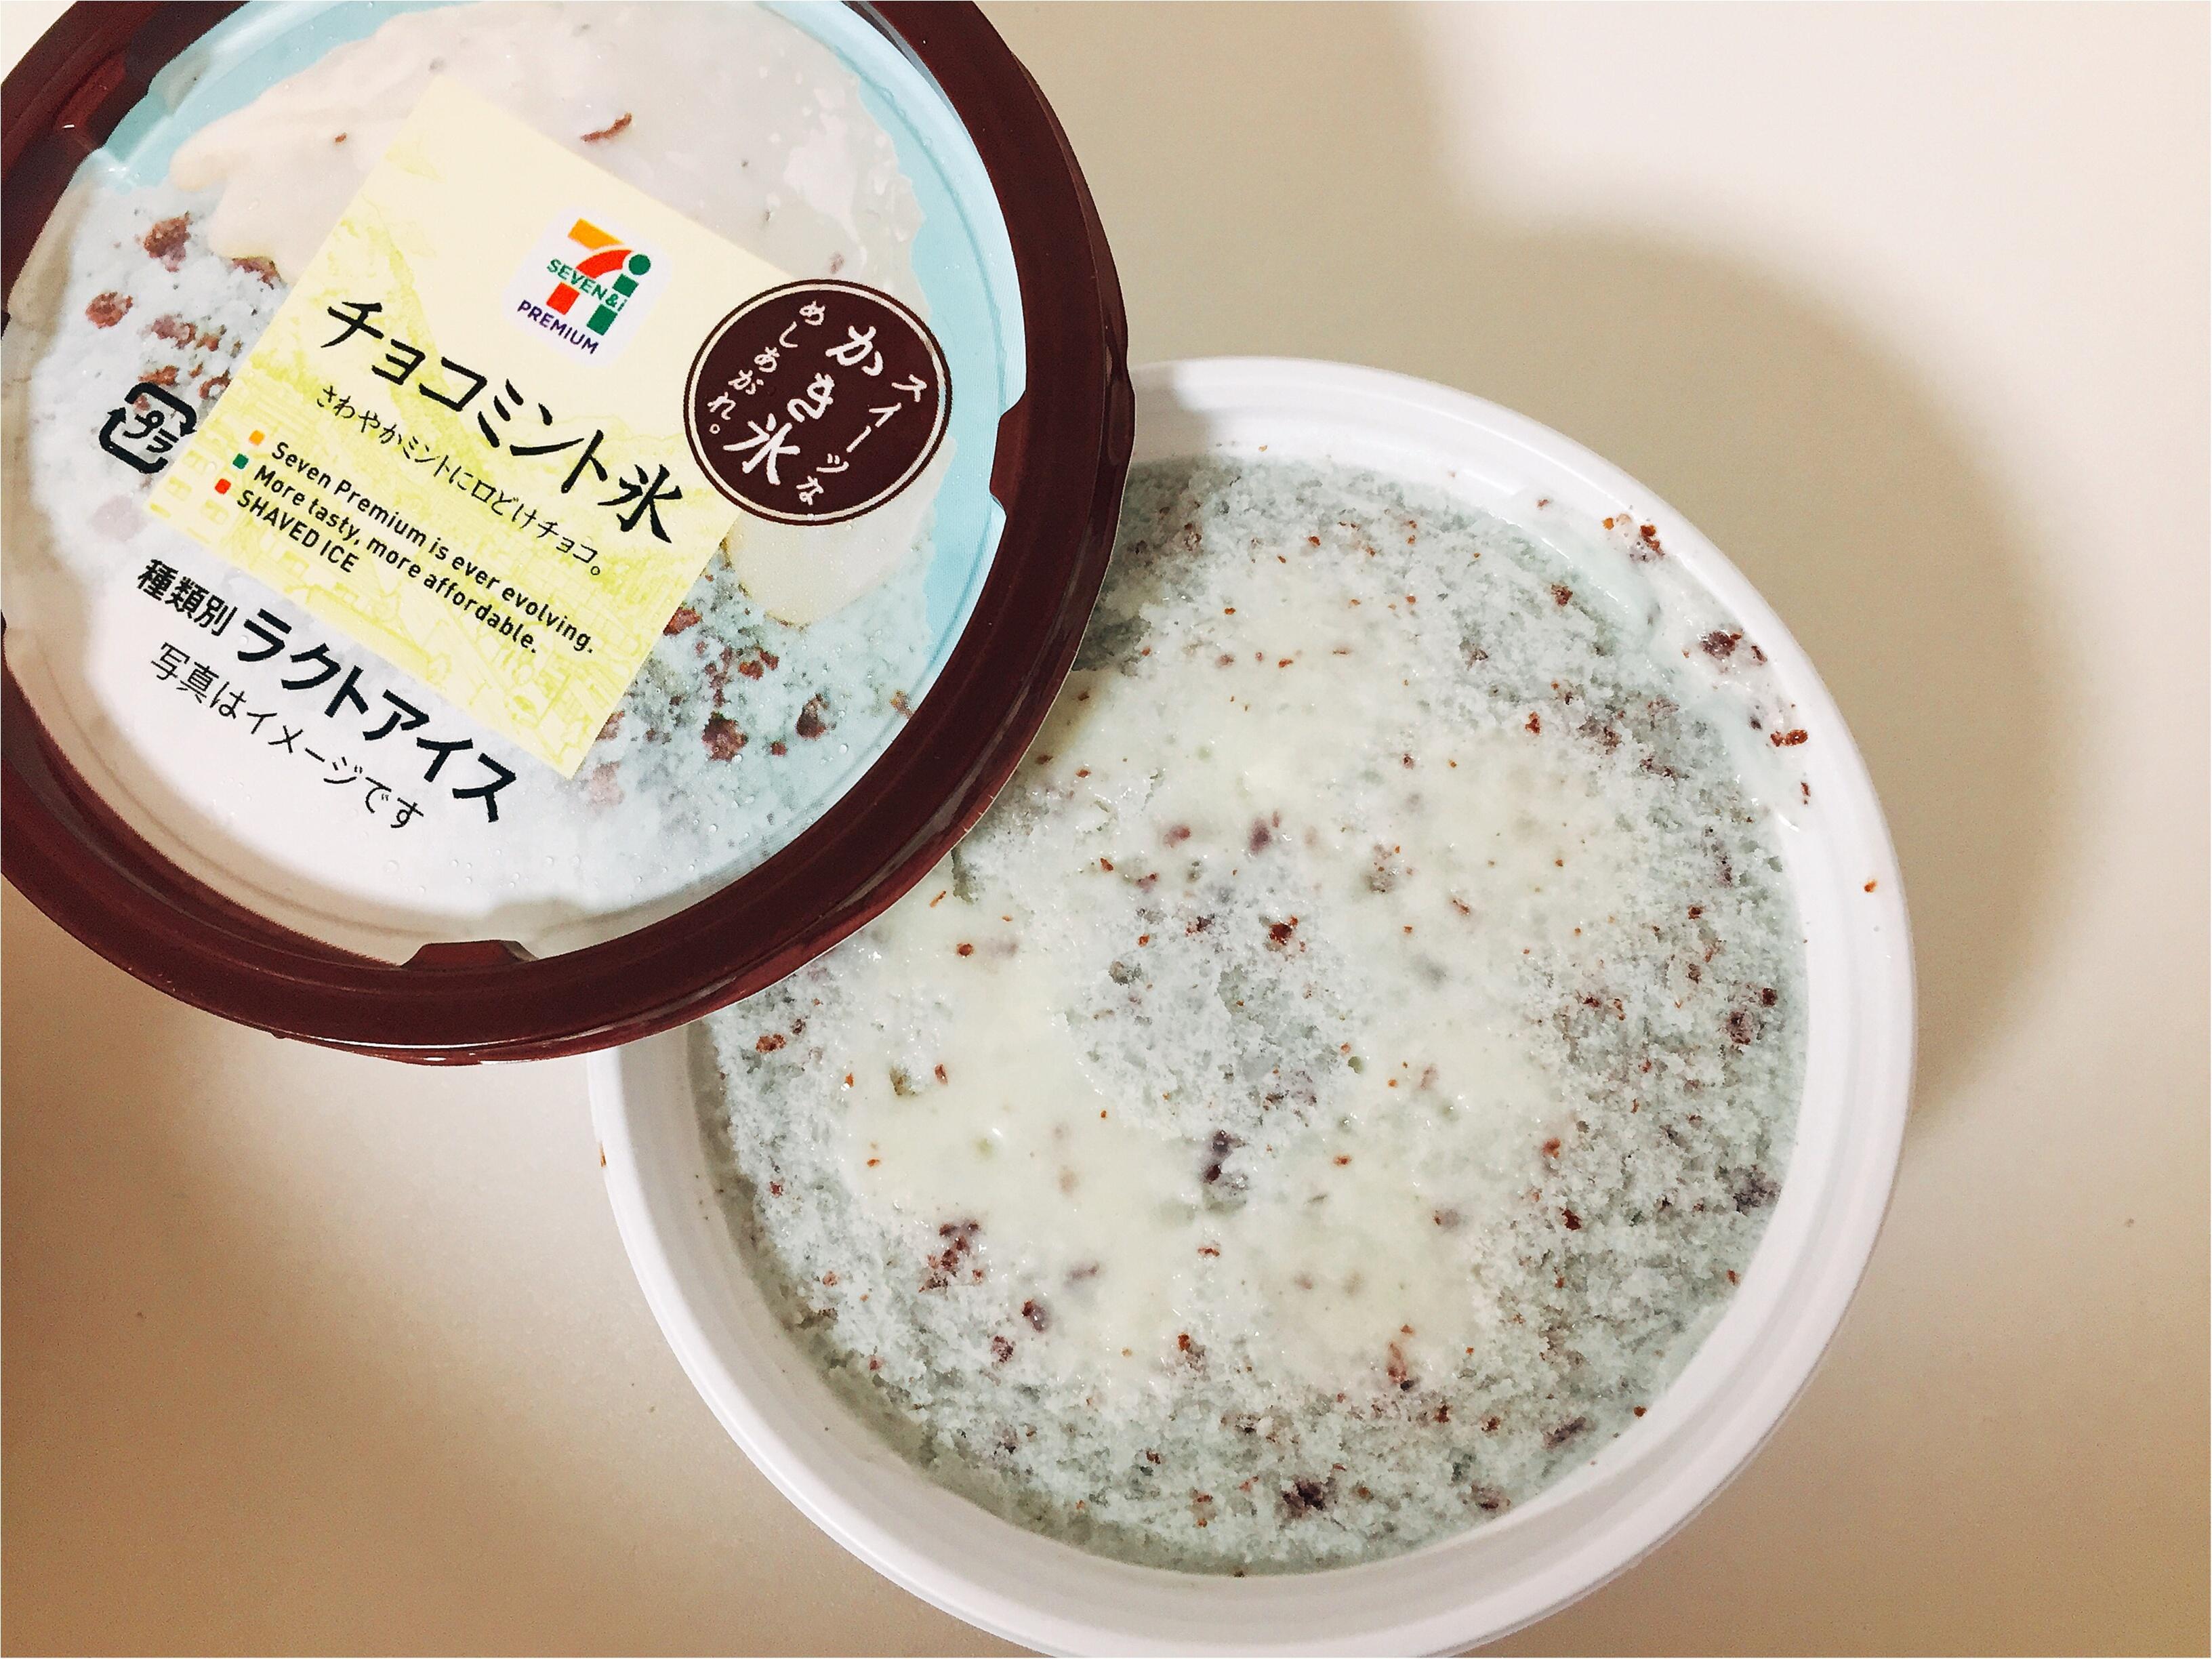 【セブンイレブン】大人気!あのアイスシリーズから『チョコミント氷』が新登場!!_3